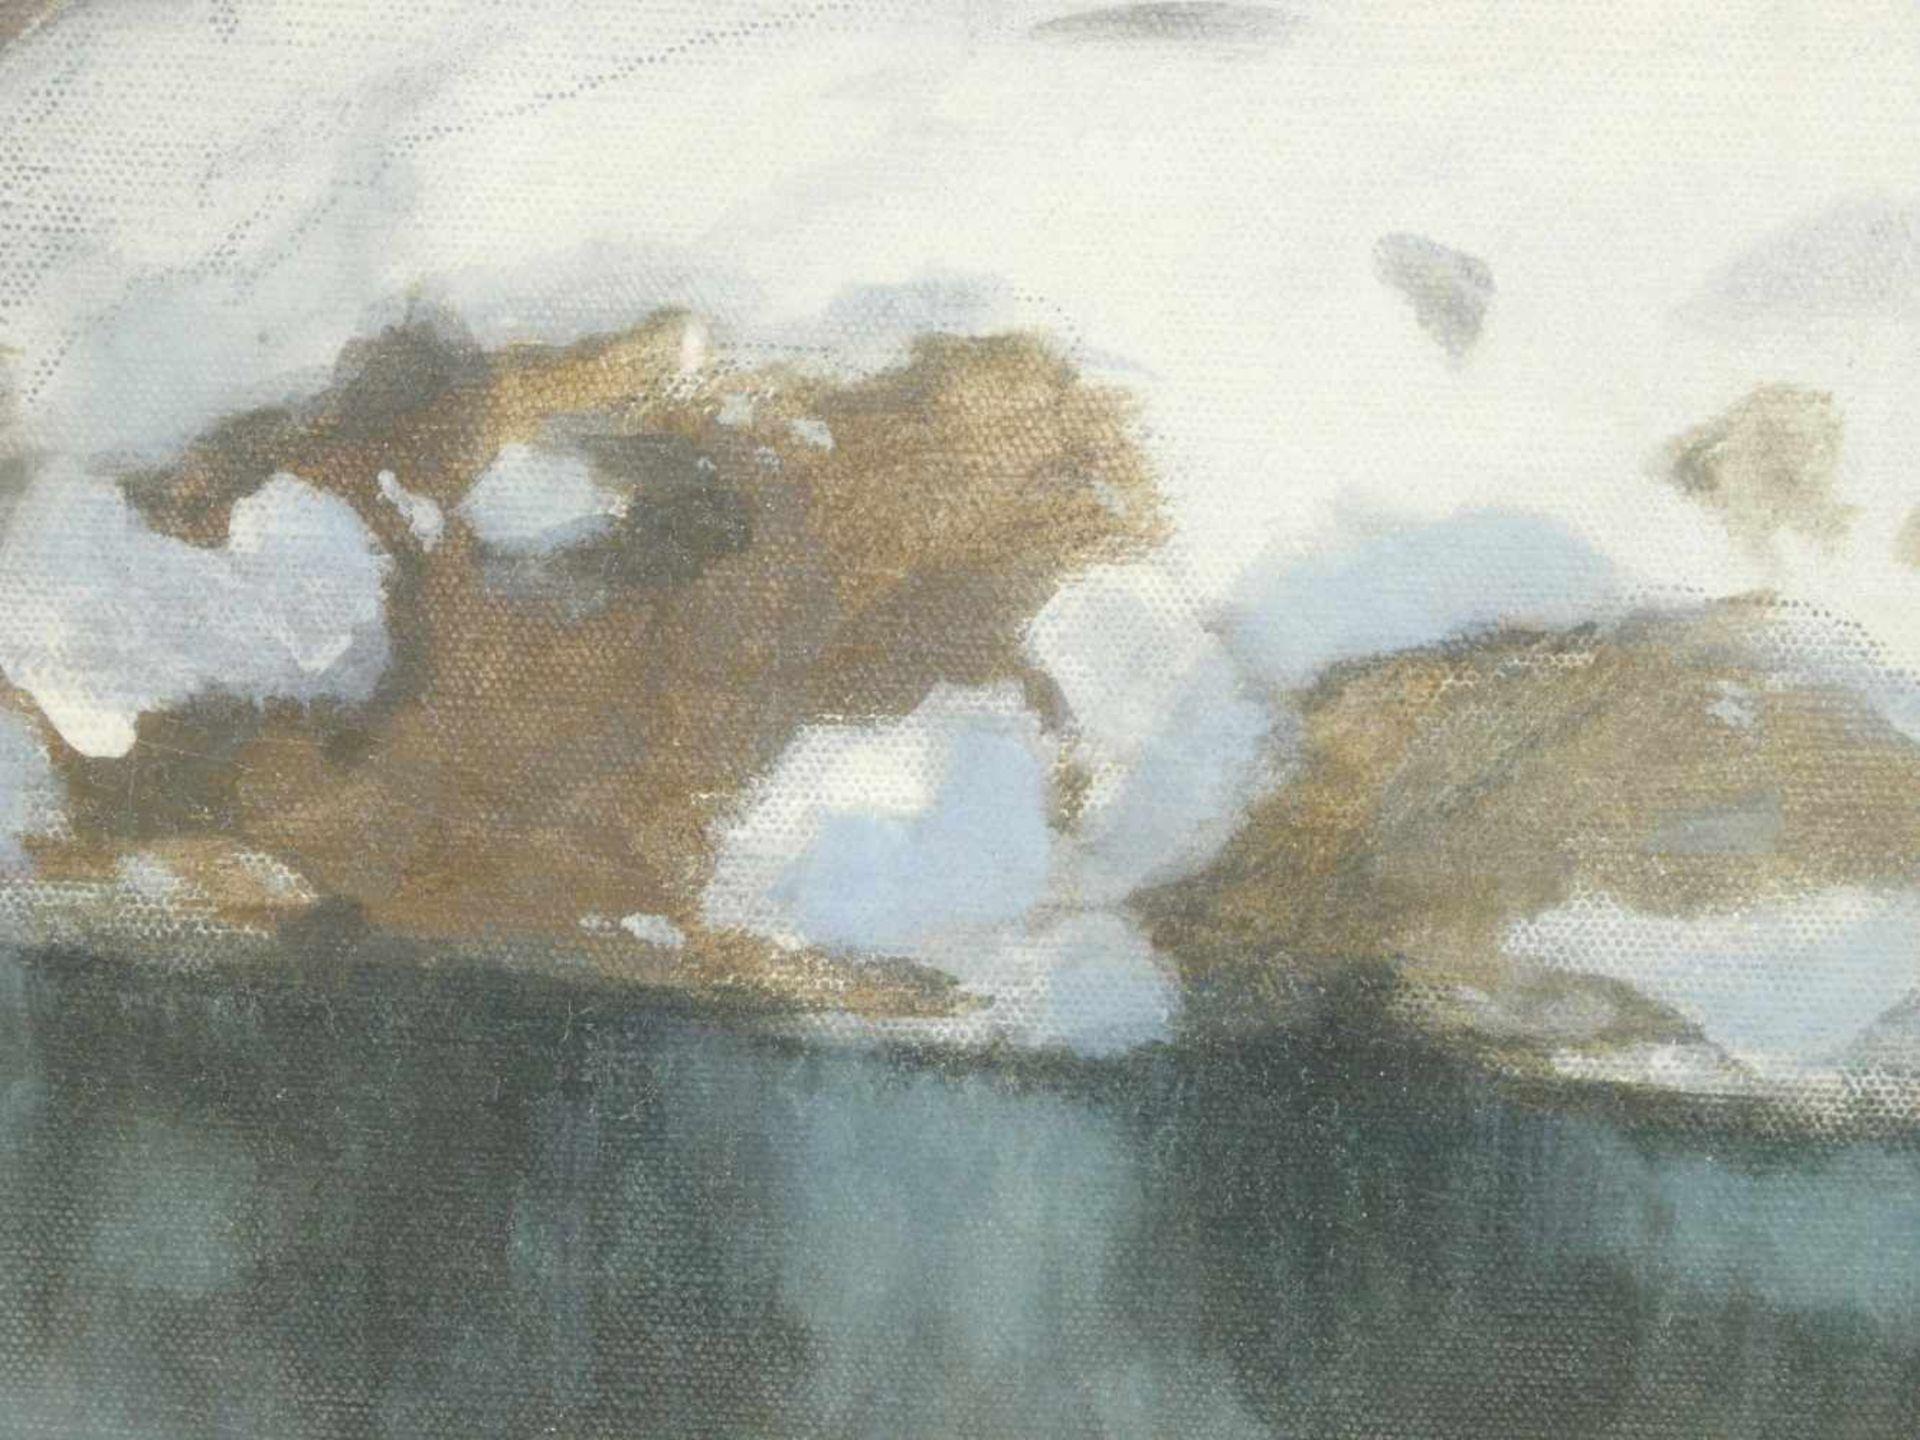 Hans Ritter von Petersen (1850-1914) - SchneeschmelzeIdyllische Winterlandschaft durch die ein - Bild 7 aus 8